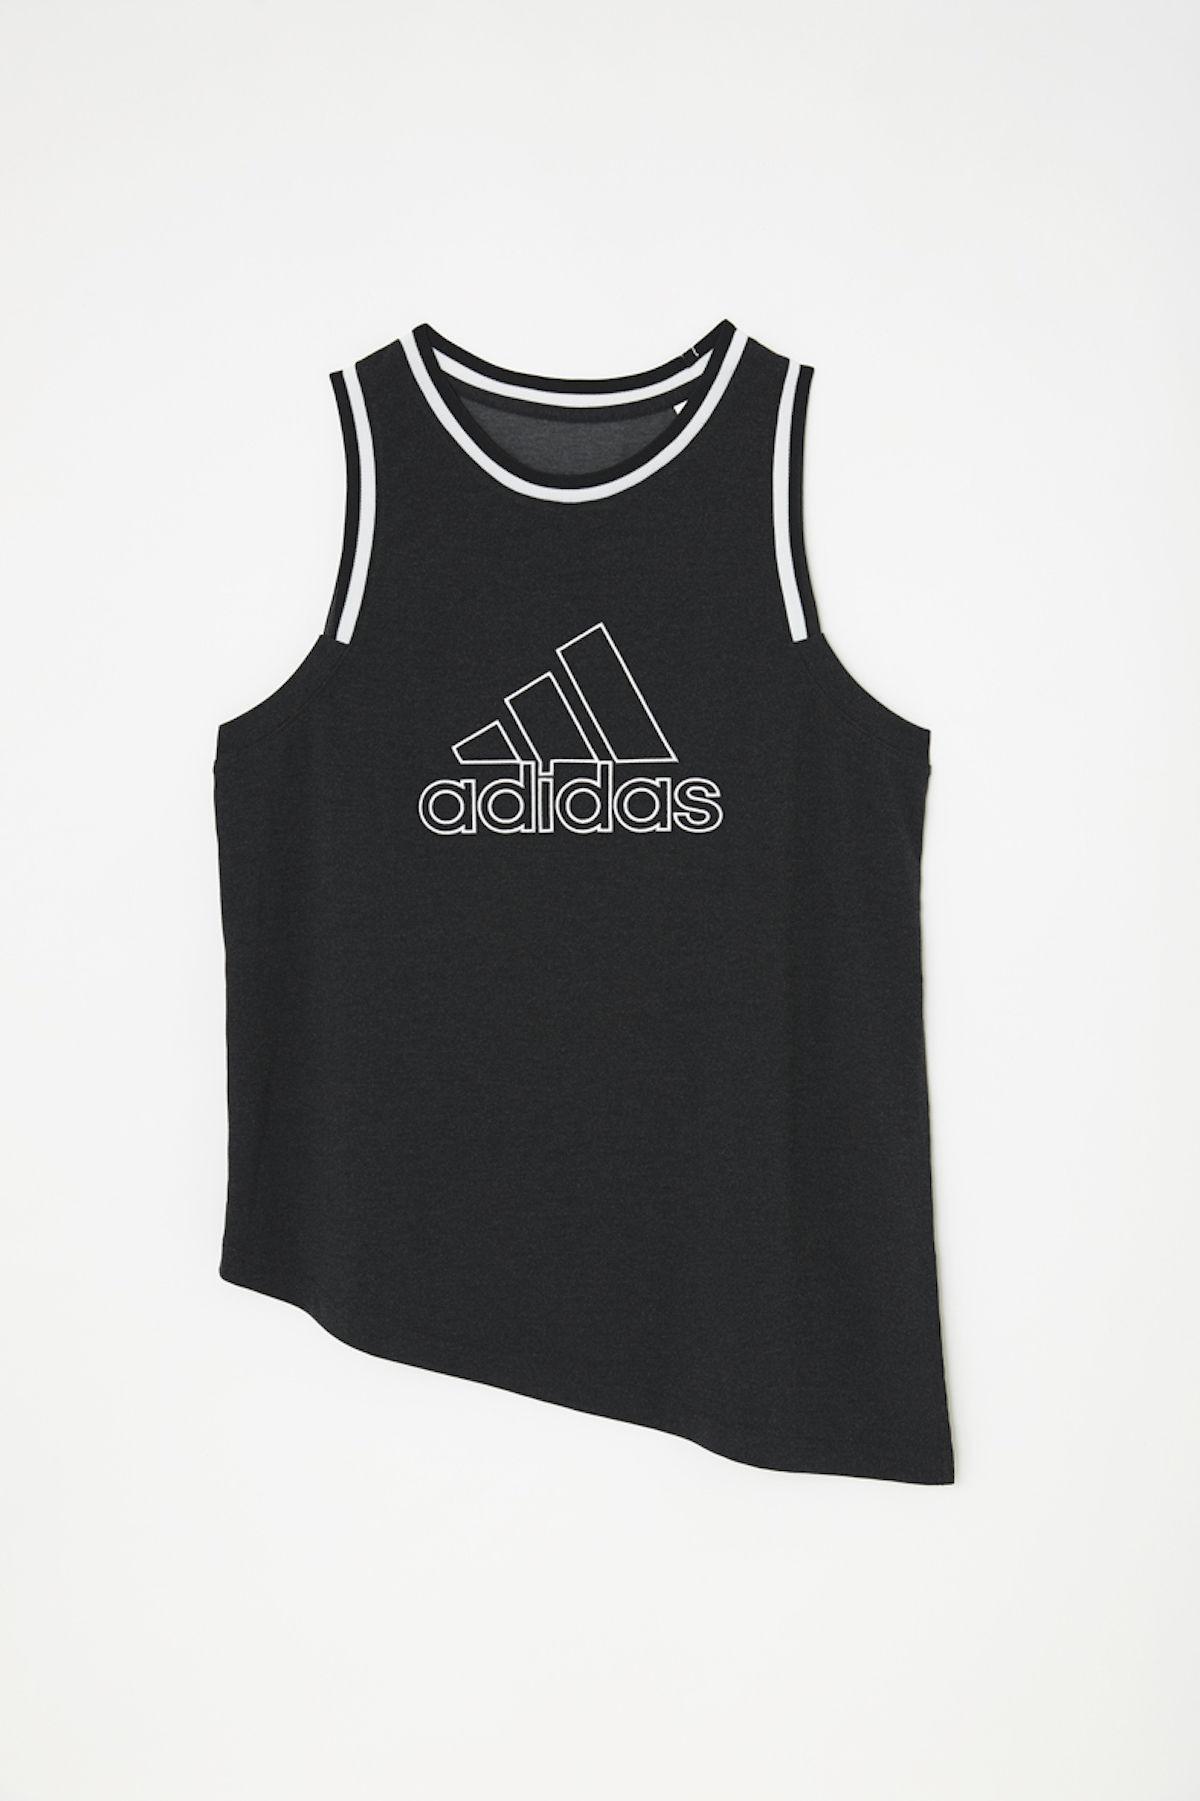 adidas×MOUSSY 第3弾コレクション発売決定!ファッションとスポーツの融合を体現したコレクション life180223_adidas_moussy_01-1200x1801